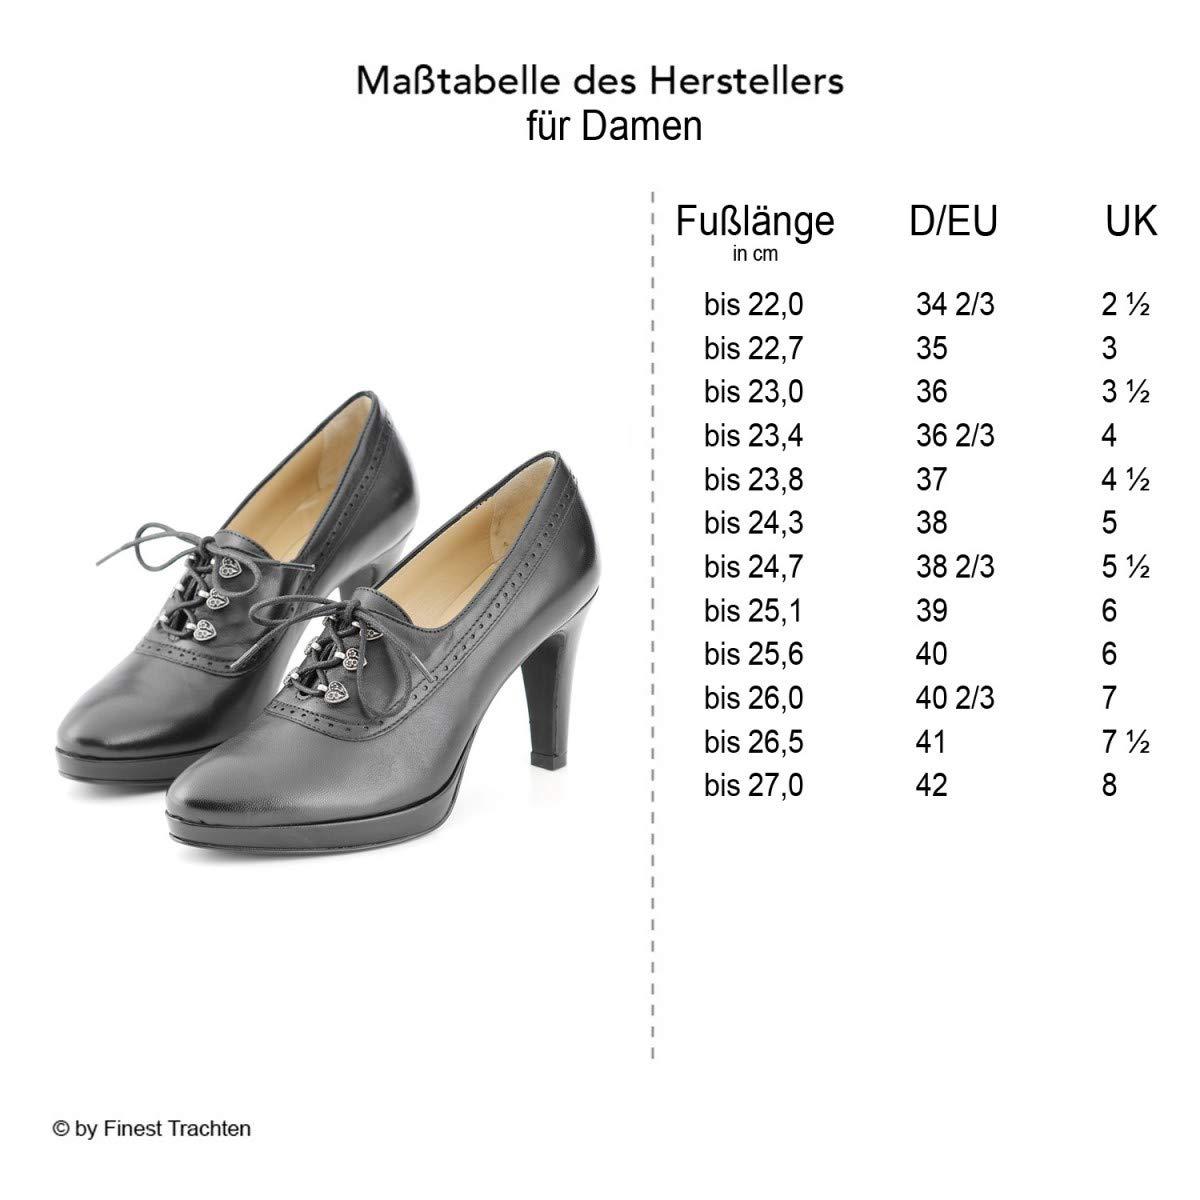 Dirndl + + + bua Damen Dirndl-Schuhe Pumps Babett in Schwarz Trachten-Schuhe 90e8f8